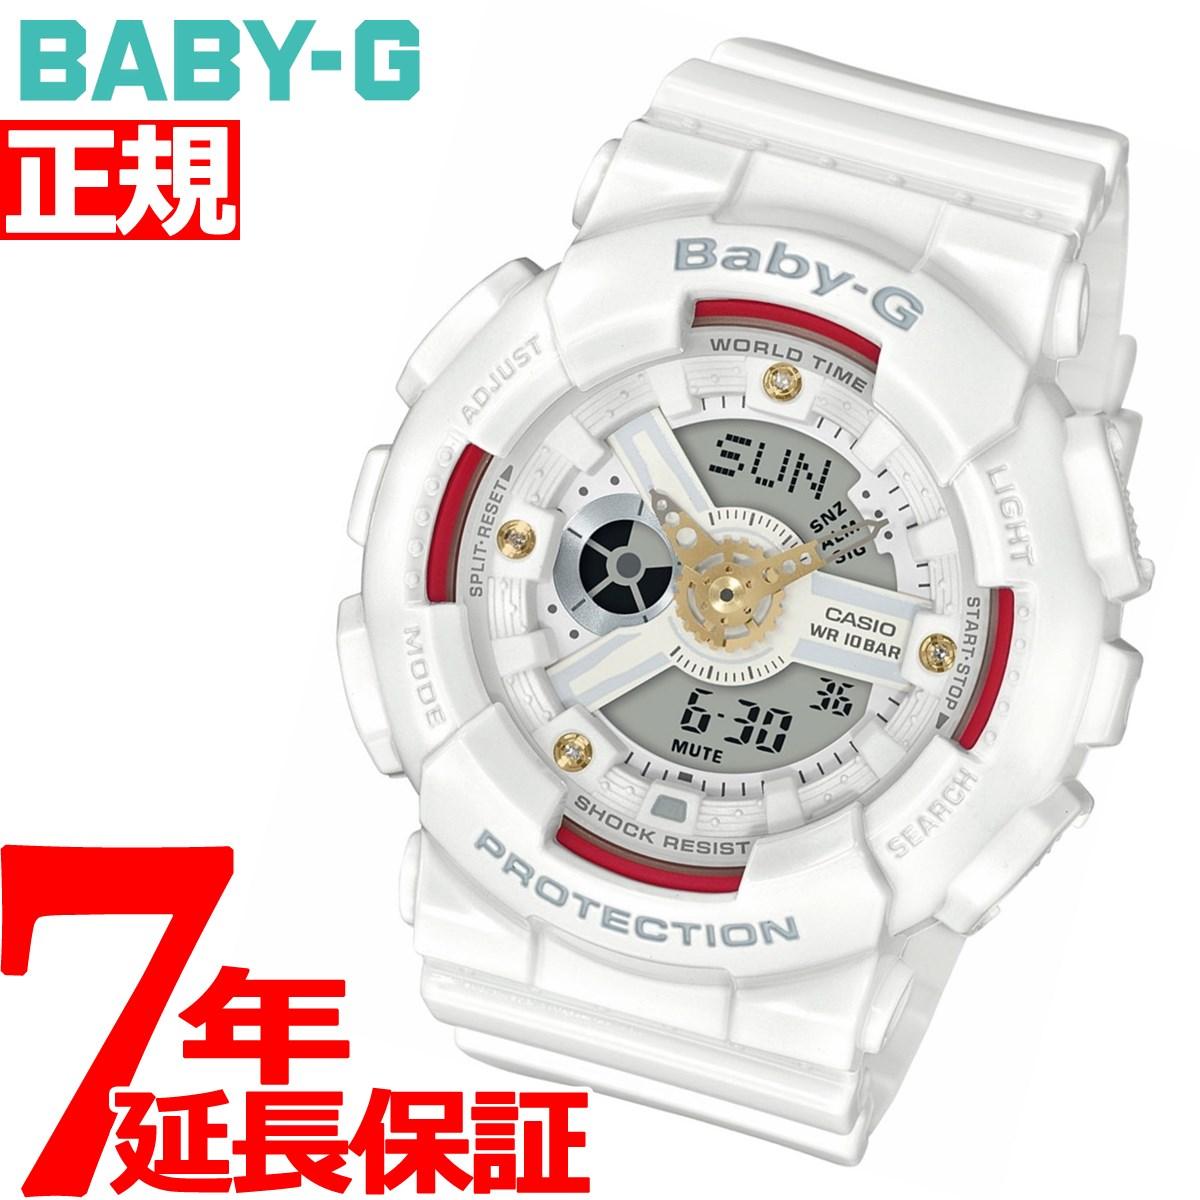 【お買い物マラソンは当店がお得♪本日20より!】BABY-G カシオ ベビーG レディース 腕時計 BA-110DDR-7AJF【2018 新作】